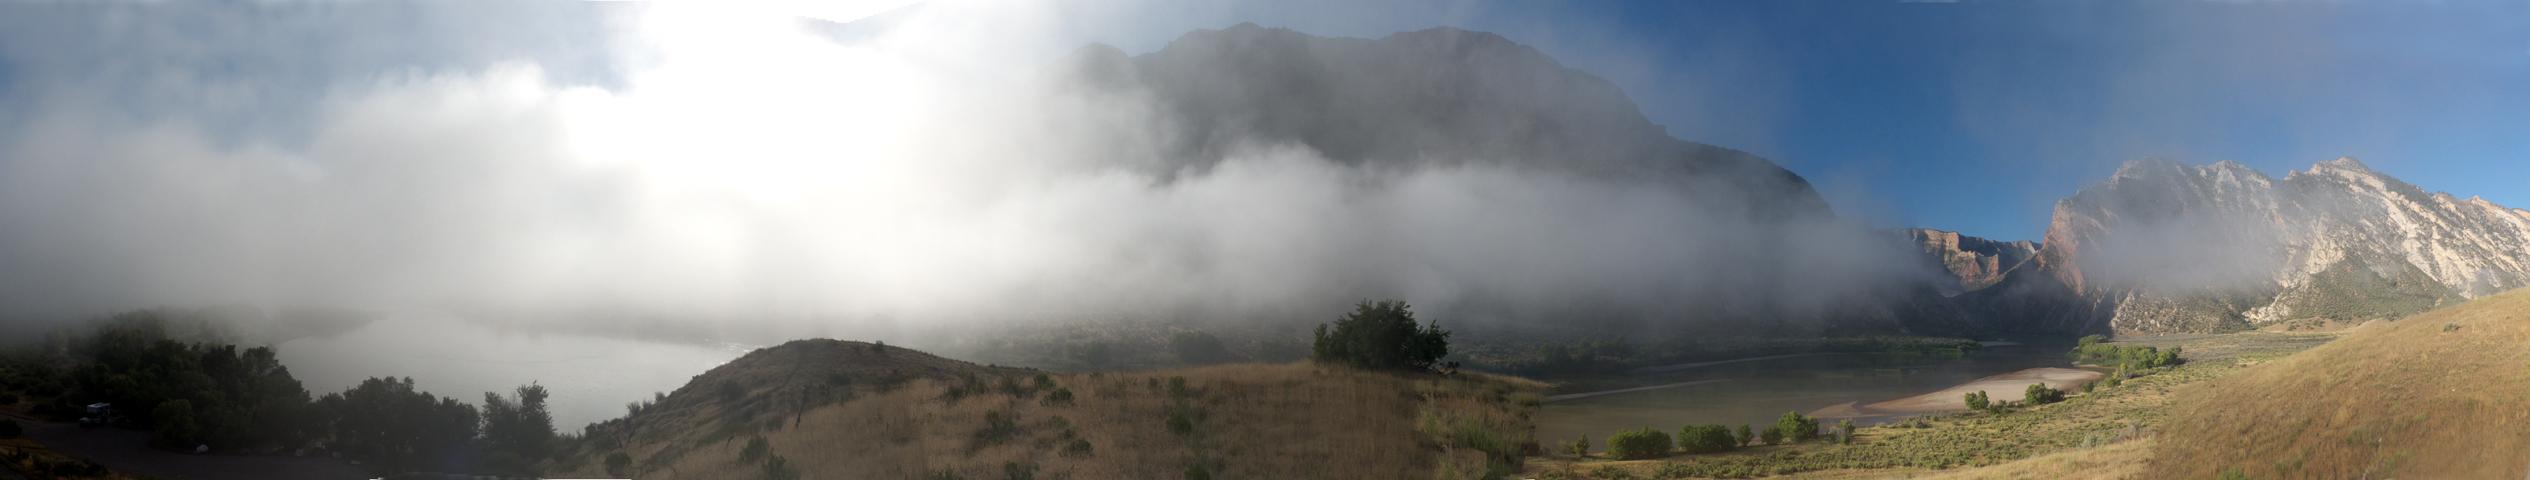 Fog at Rainbow Park